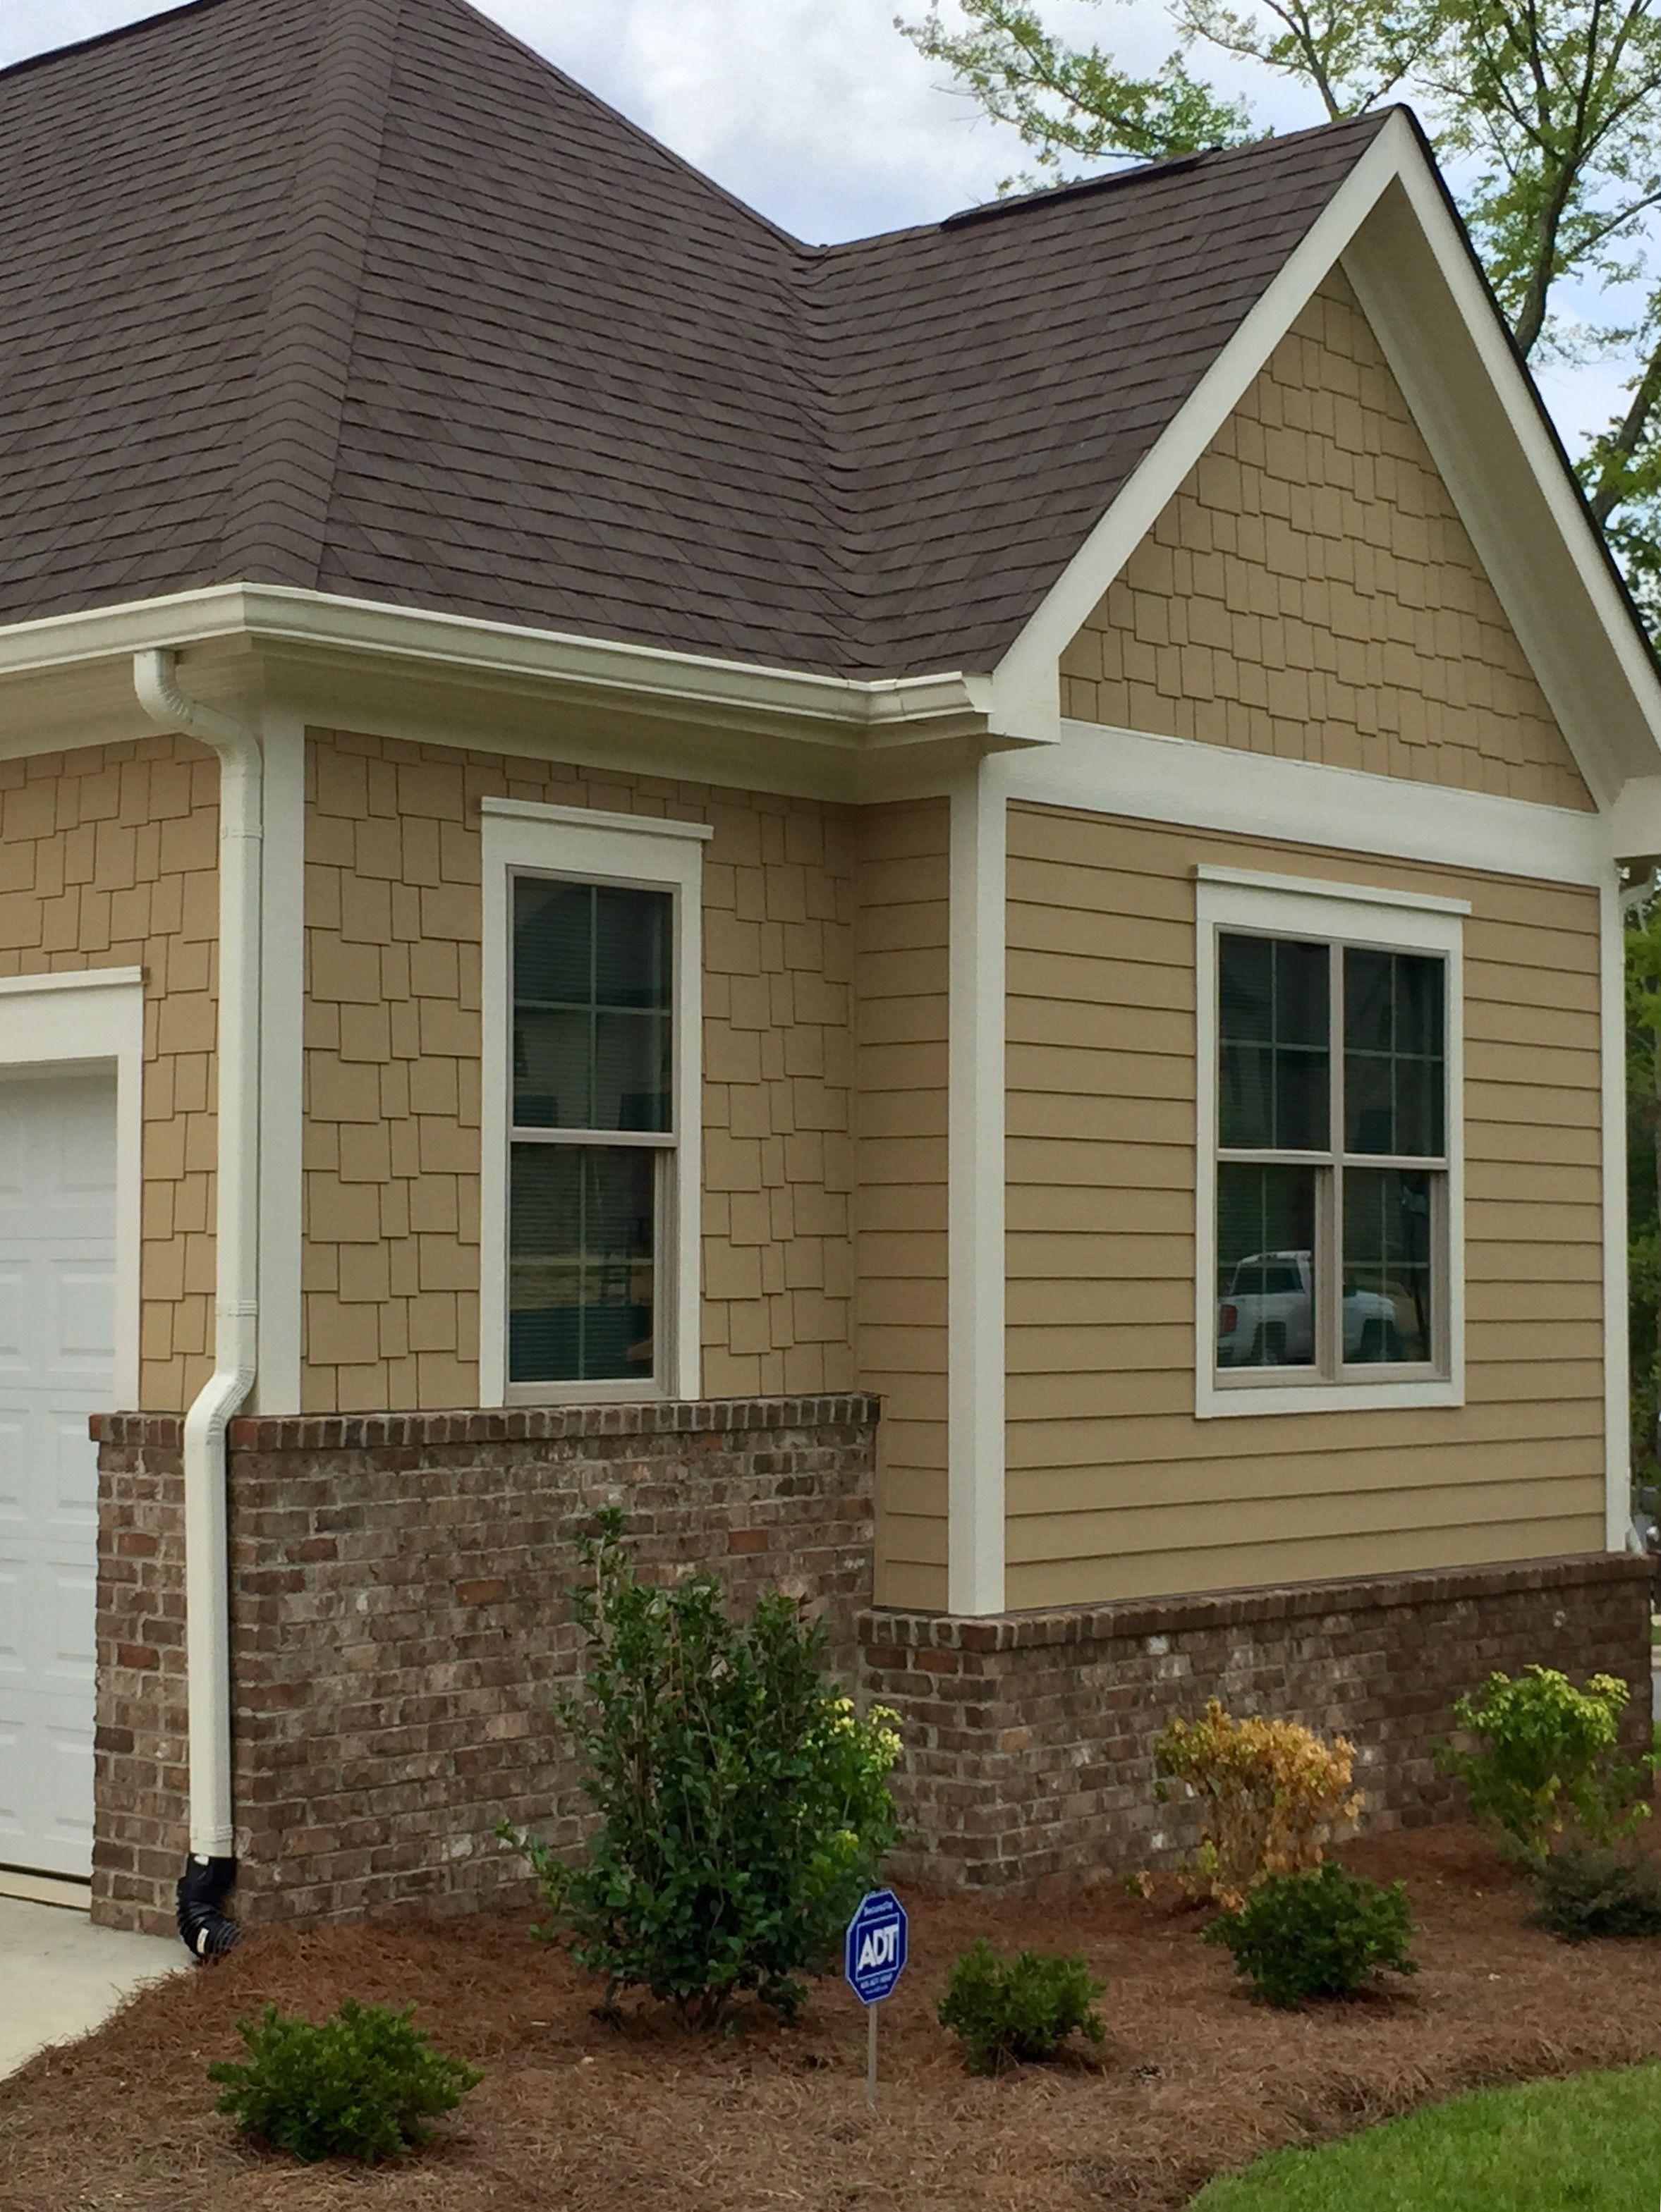 Arh Exterior Ashland Plan Exterior 48 Roof Oc Oakridge